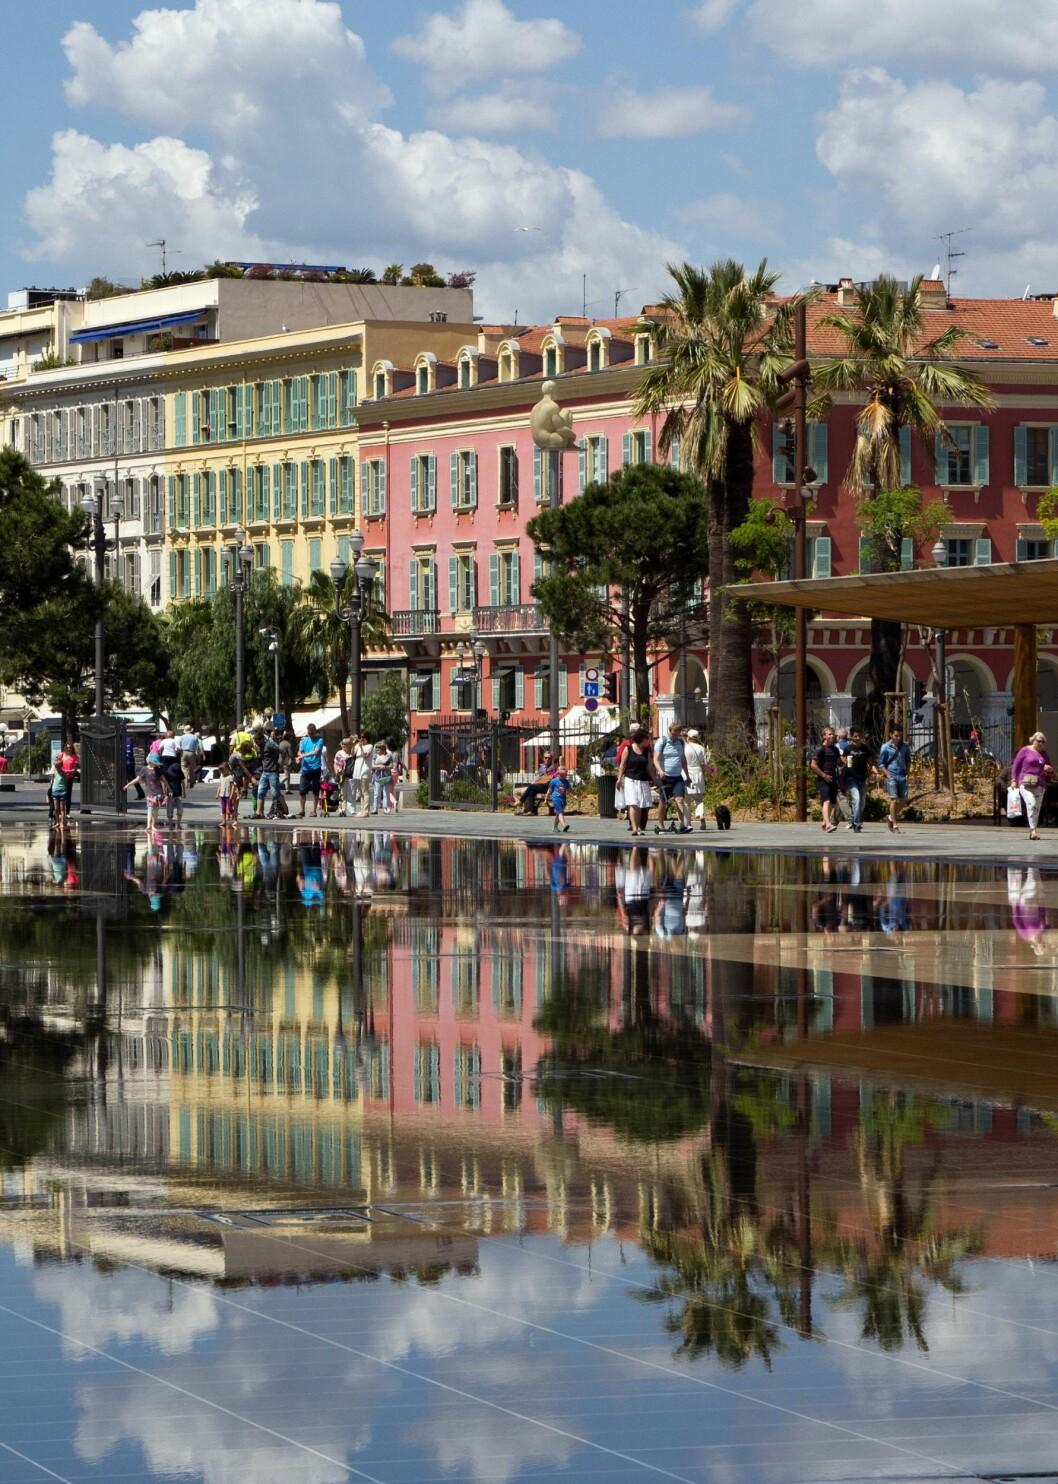 Byens hjerte: Bygningene på Place Masséna har kolonnader i rødlige farger, karakteristisk for Nice. I gågatene bak plassen ligger bulevardene med designbutikker. Foto: Jytte Boch